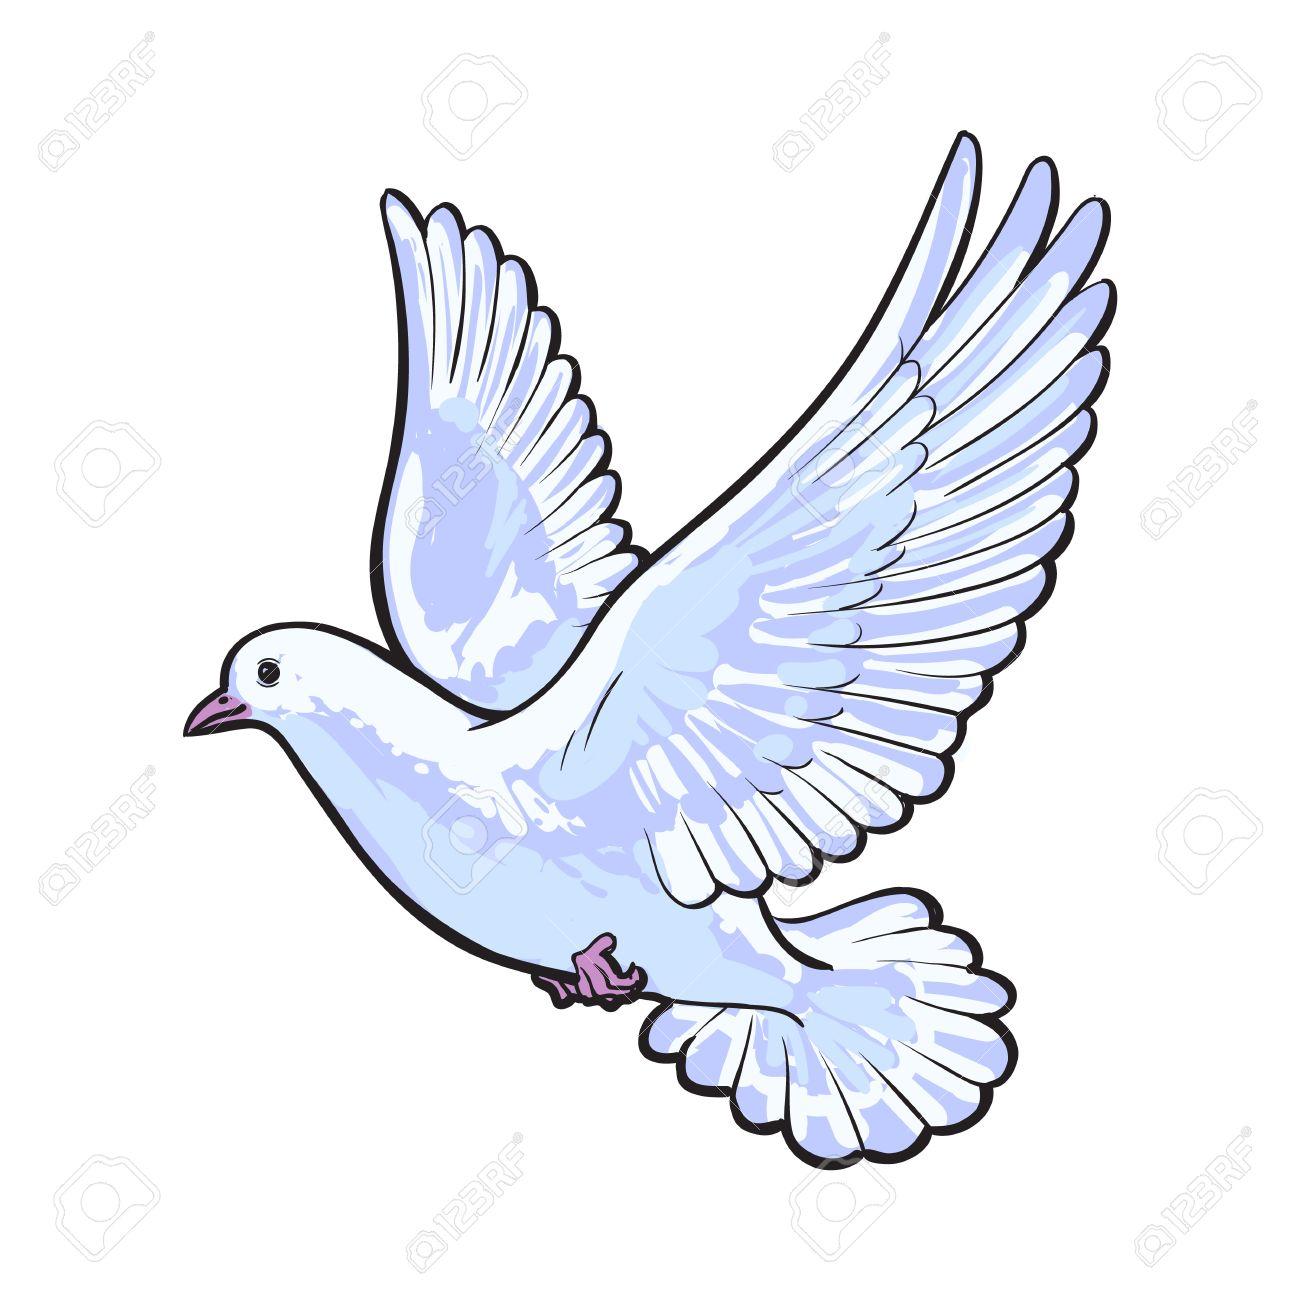 Dessin Libre vol libre colombe blanche, croquis style vecteur illustration isolé